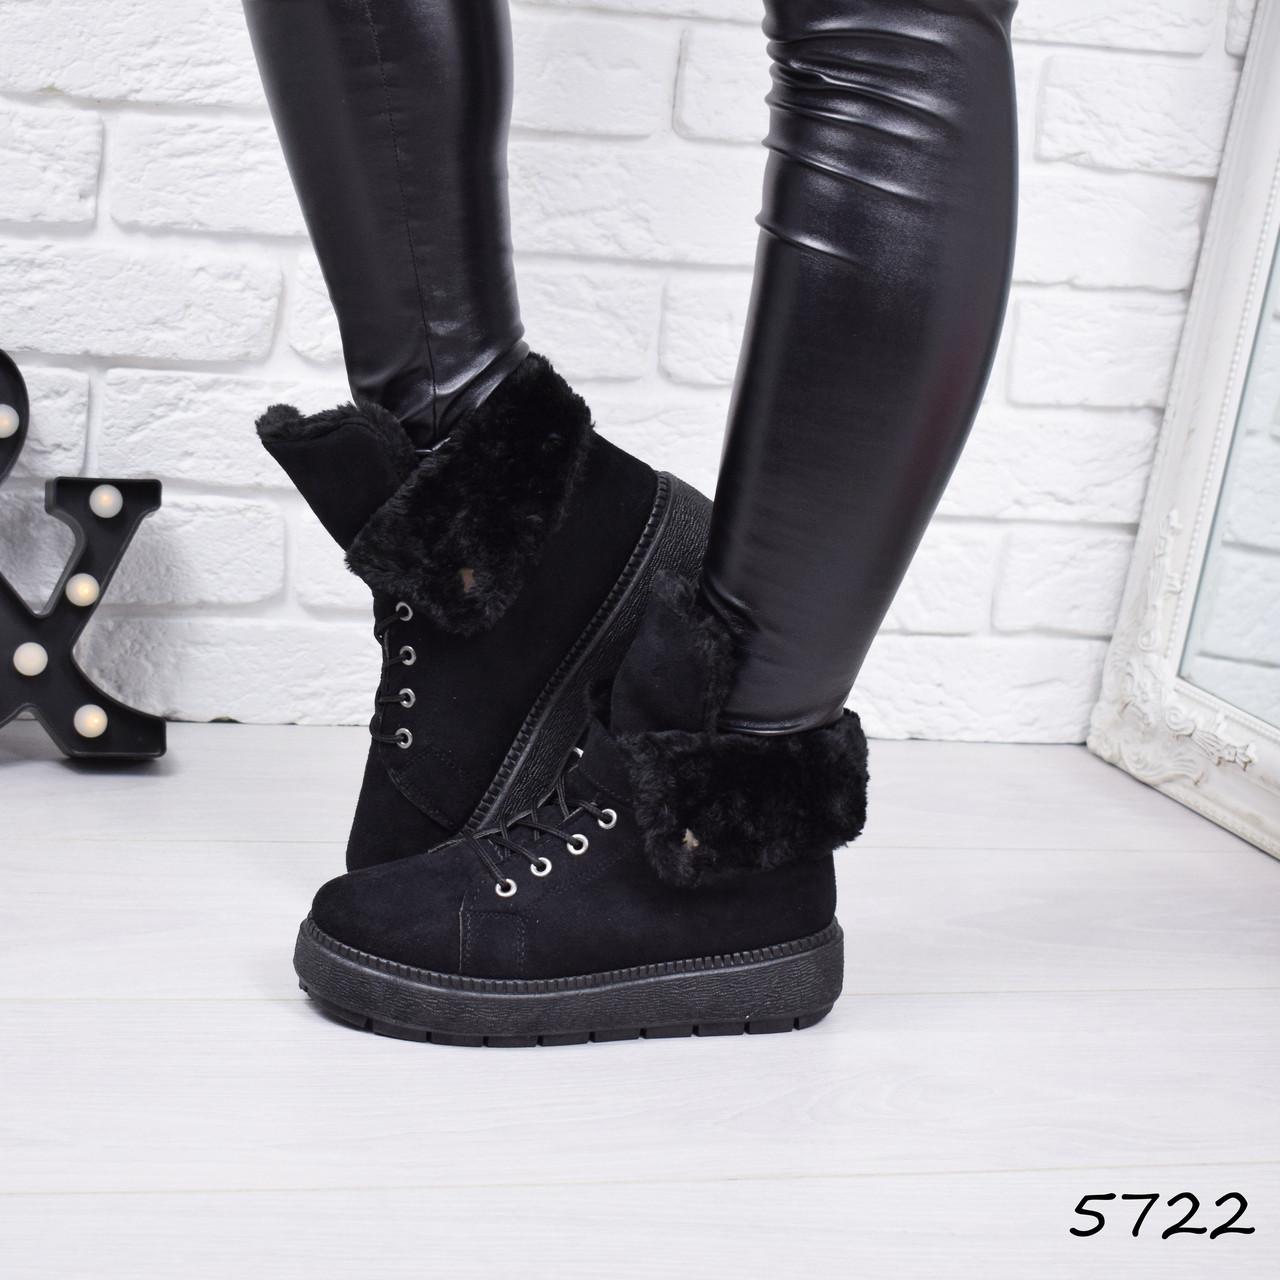 Ботинки женские Freez черный 5722 ЗИМА р. 36